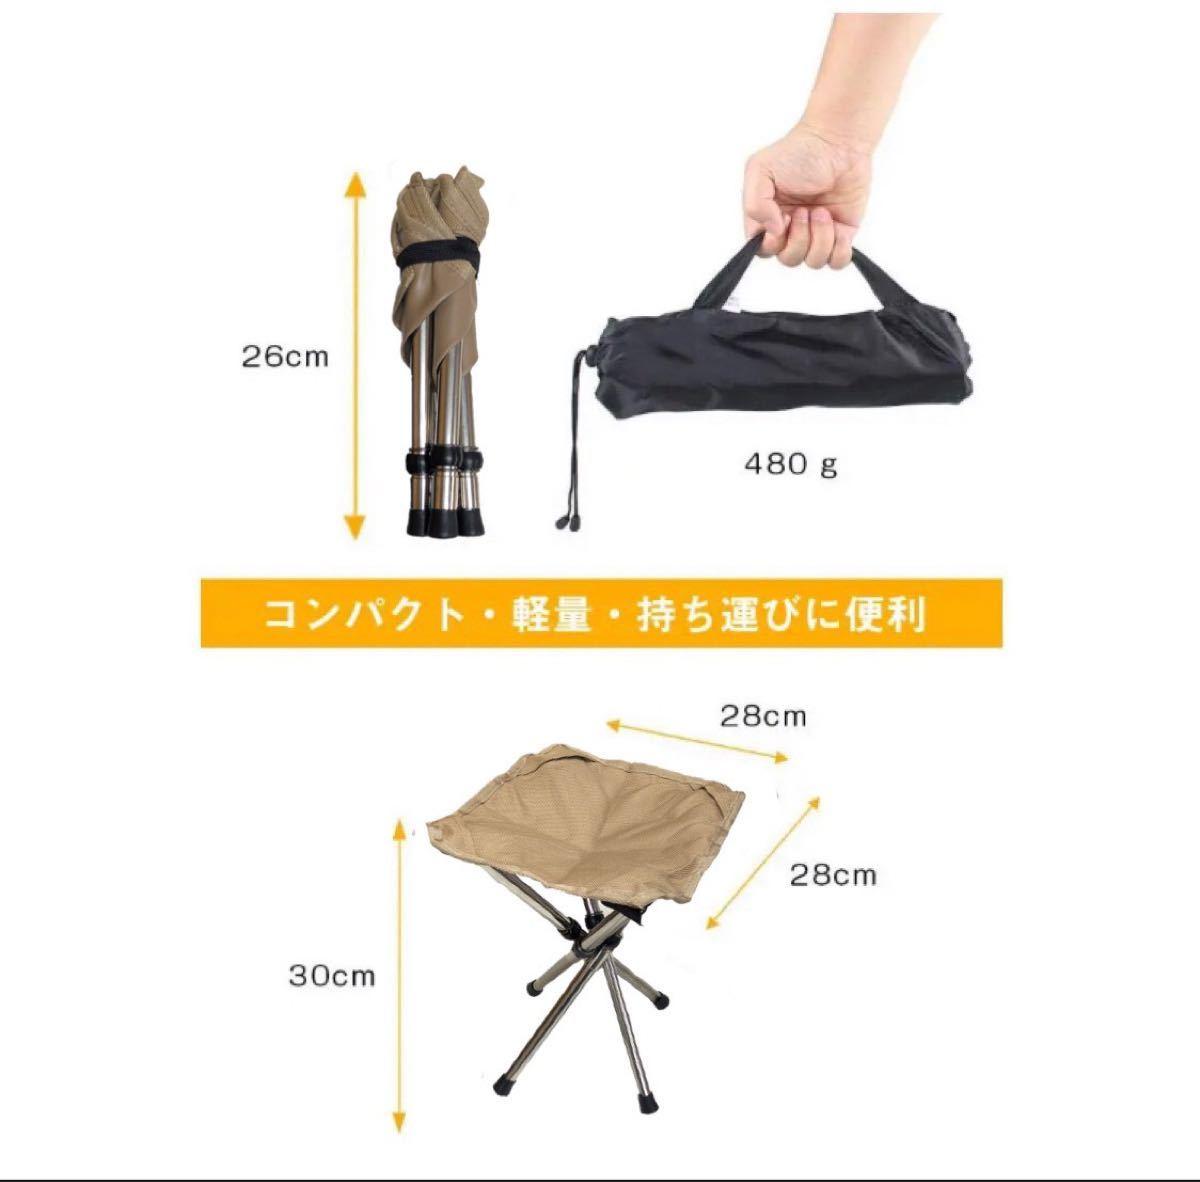 新品 アウトドア チェア 椅子 折りたたみ コンパクトチェア 軽量 コンパクト 人気色